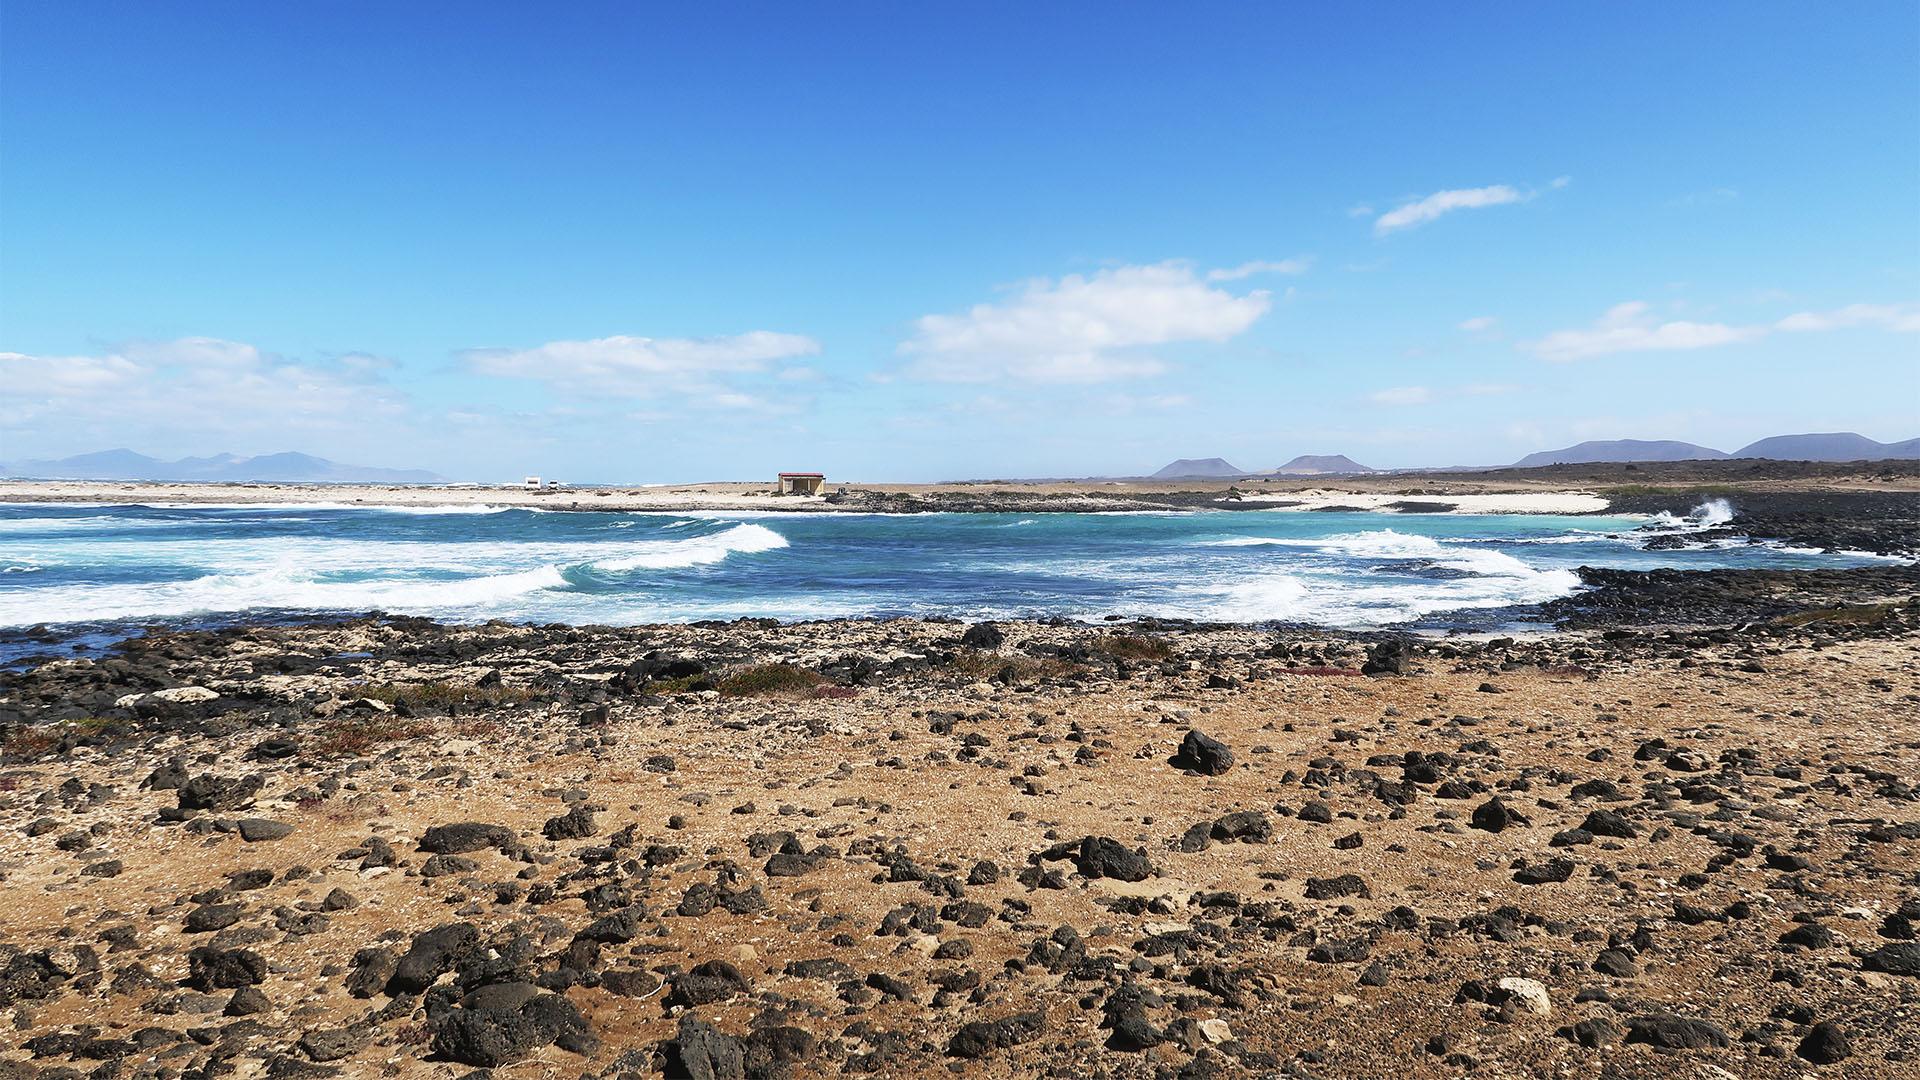 Die Strände im Norden von Fuerteventura –North Shore Playa Blanca.